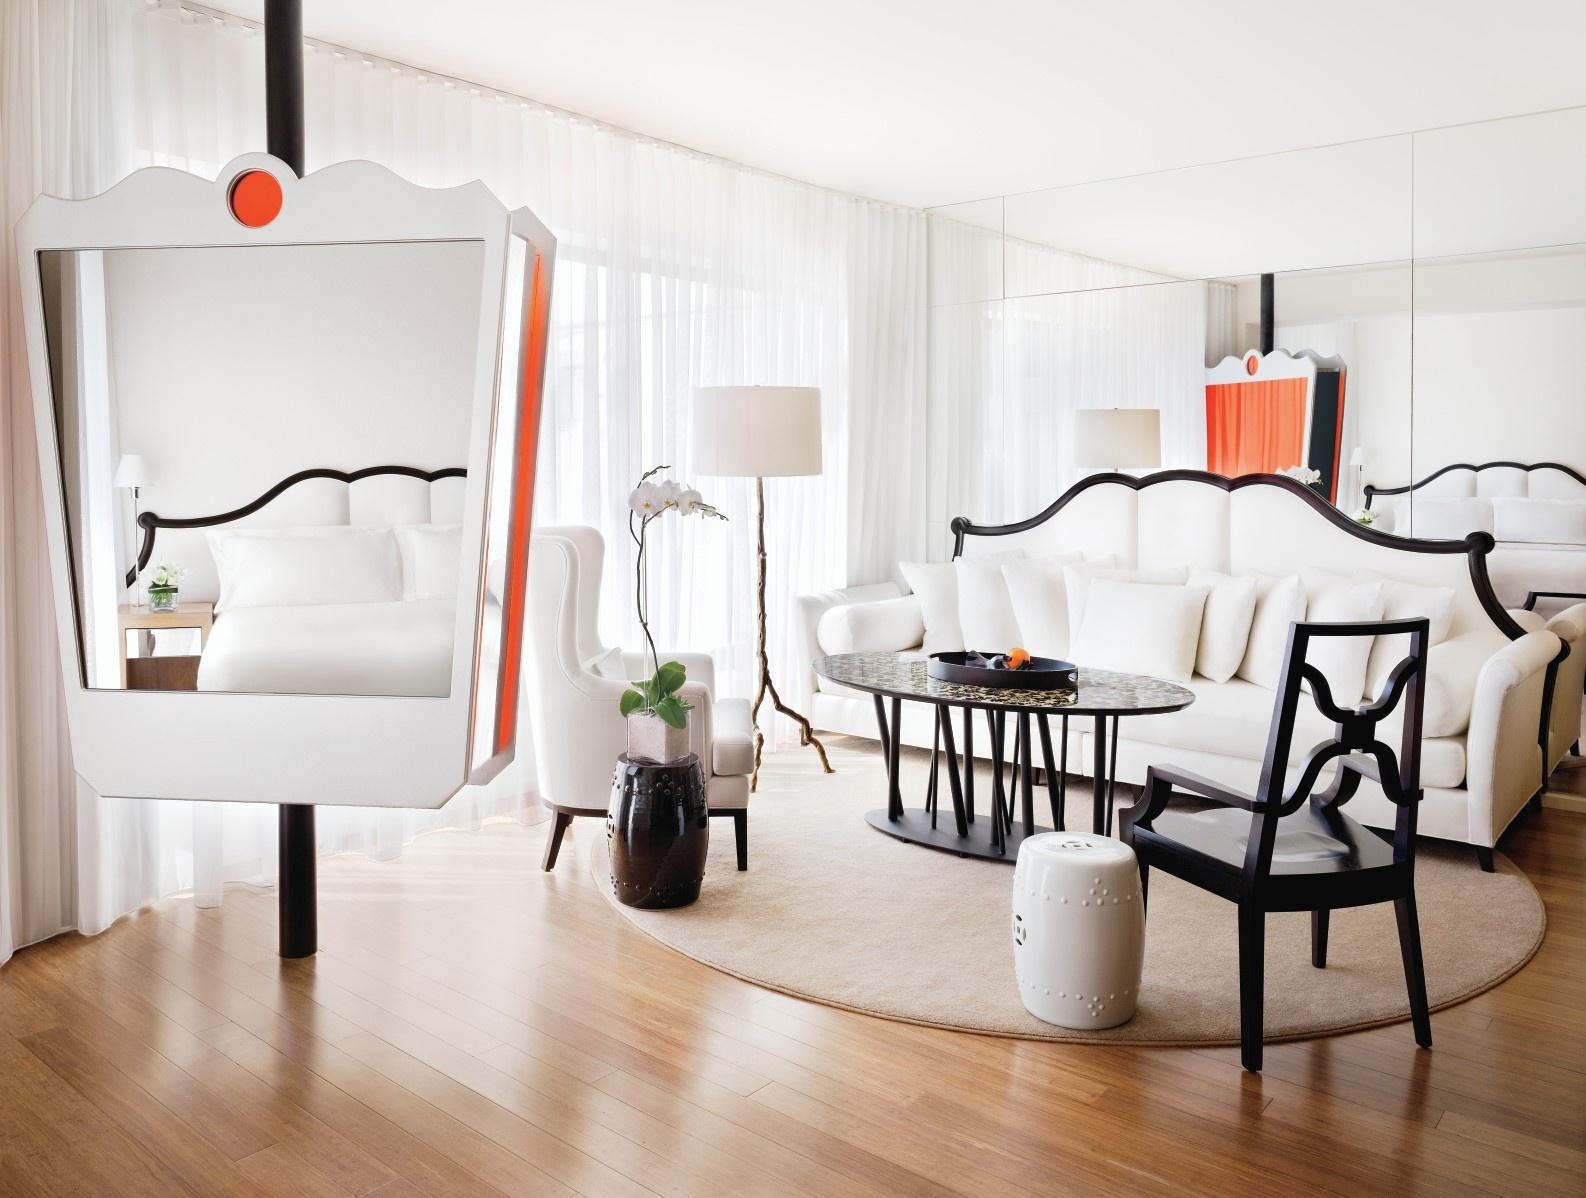 Image Result For Hotel Bedroom Design Images